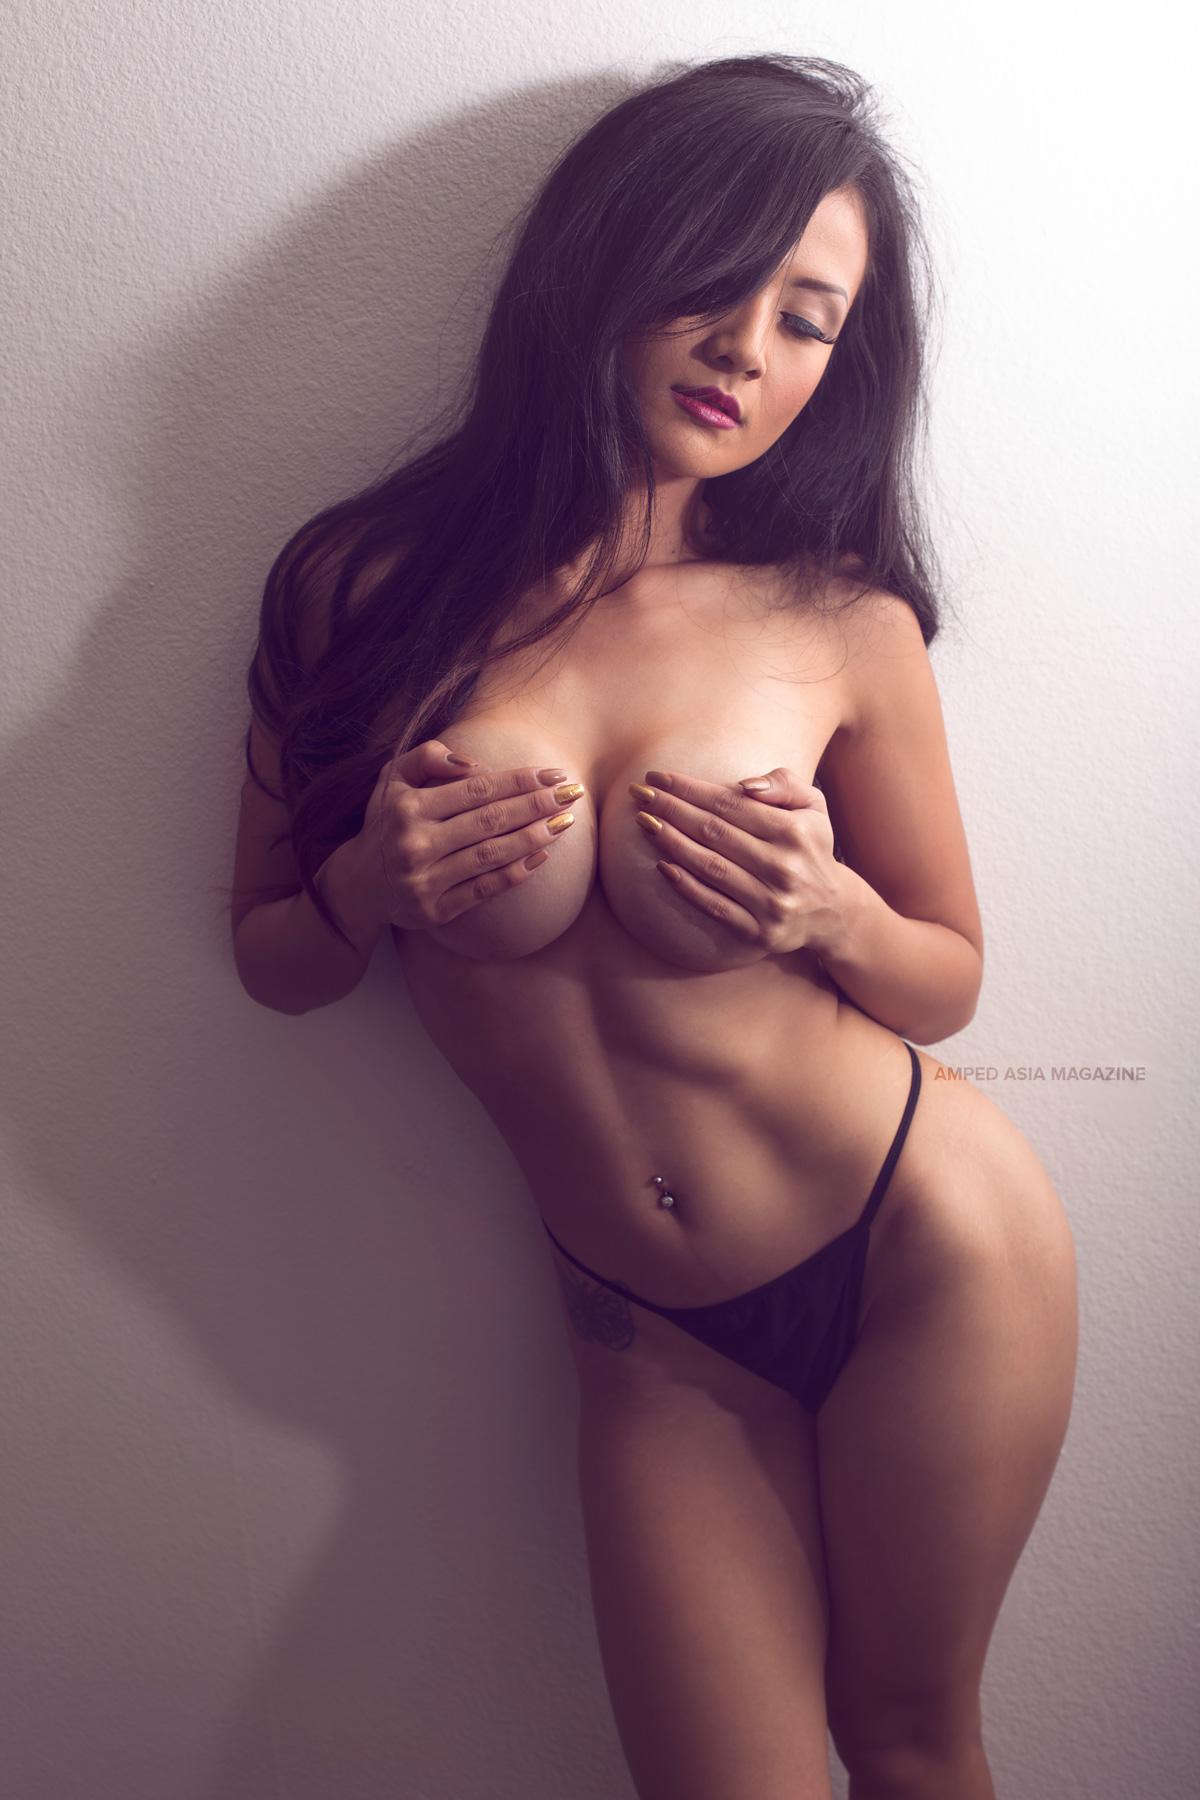 Asian pretty girl blowing a cock in pov